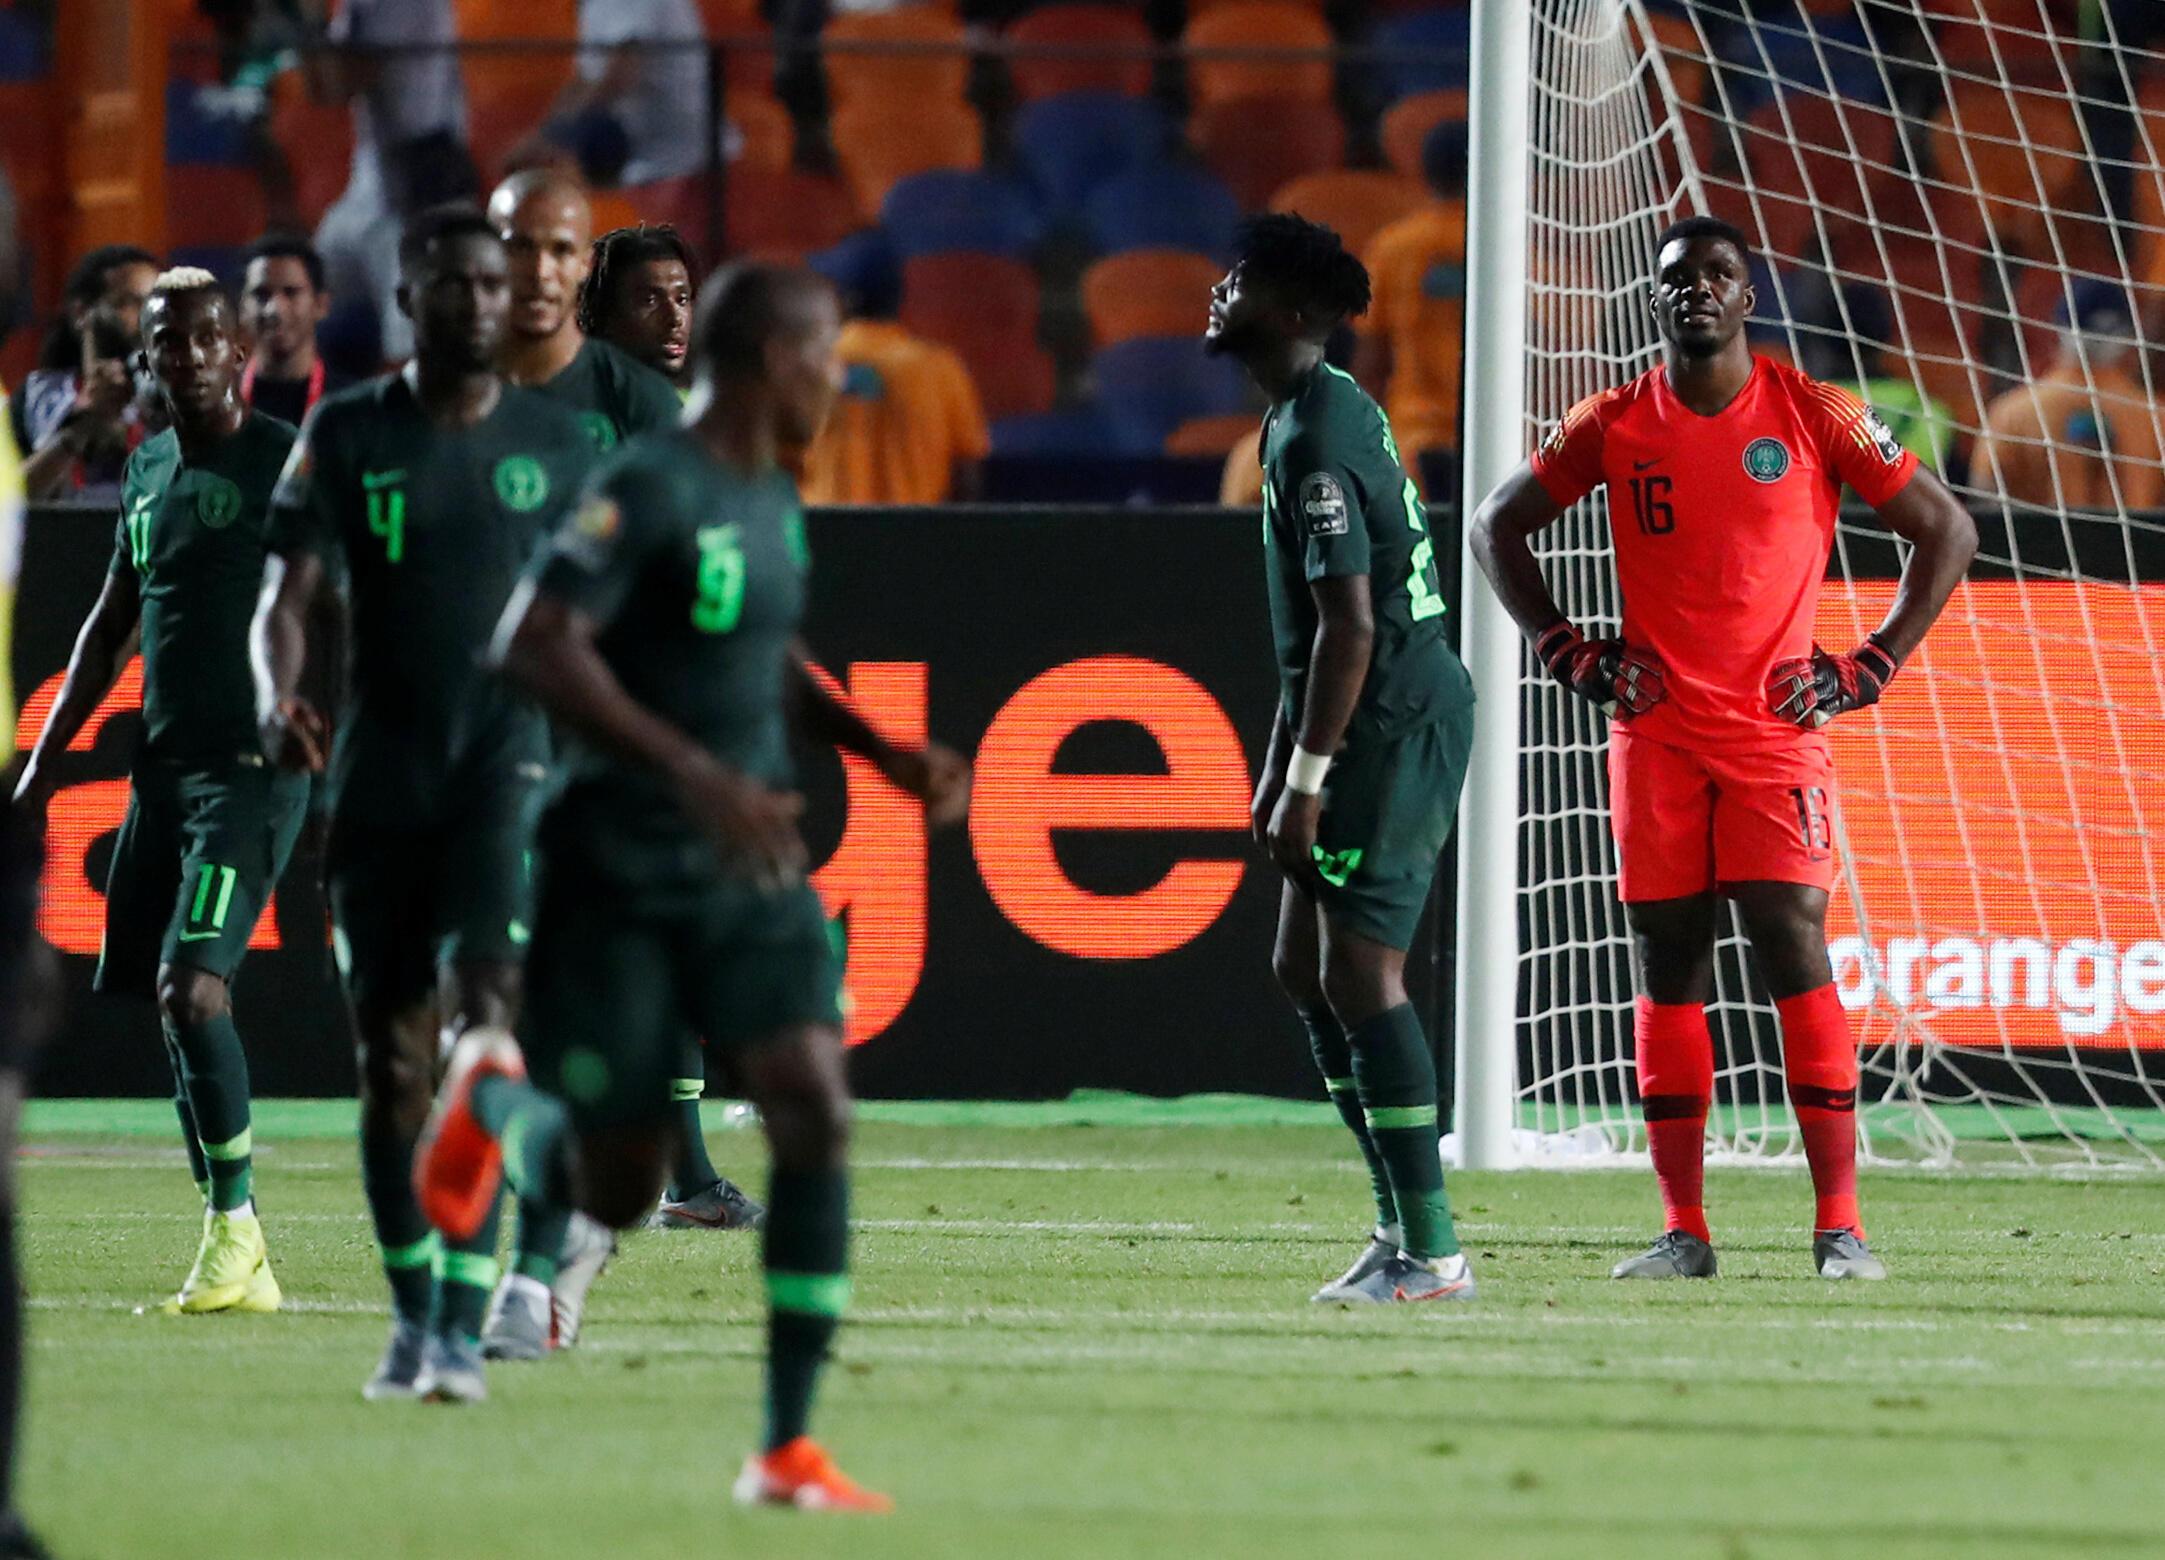 Les Nigérians, KO après le but de la victoire de l'Algérie inscrit dans le temps additionnel de la demi-finale.